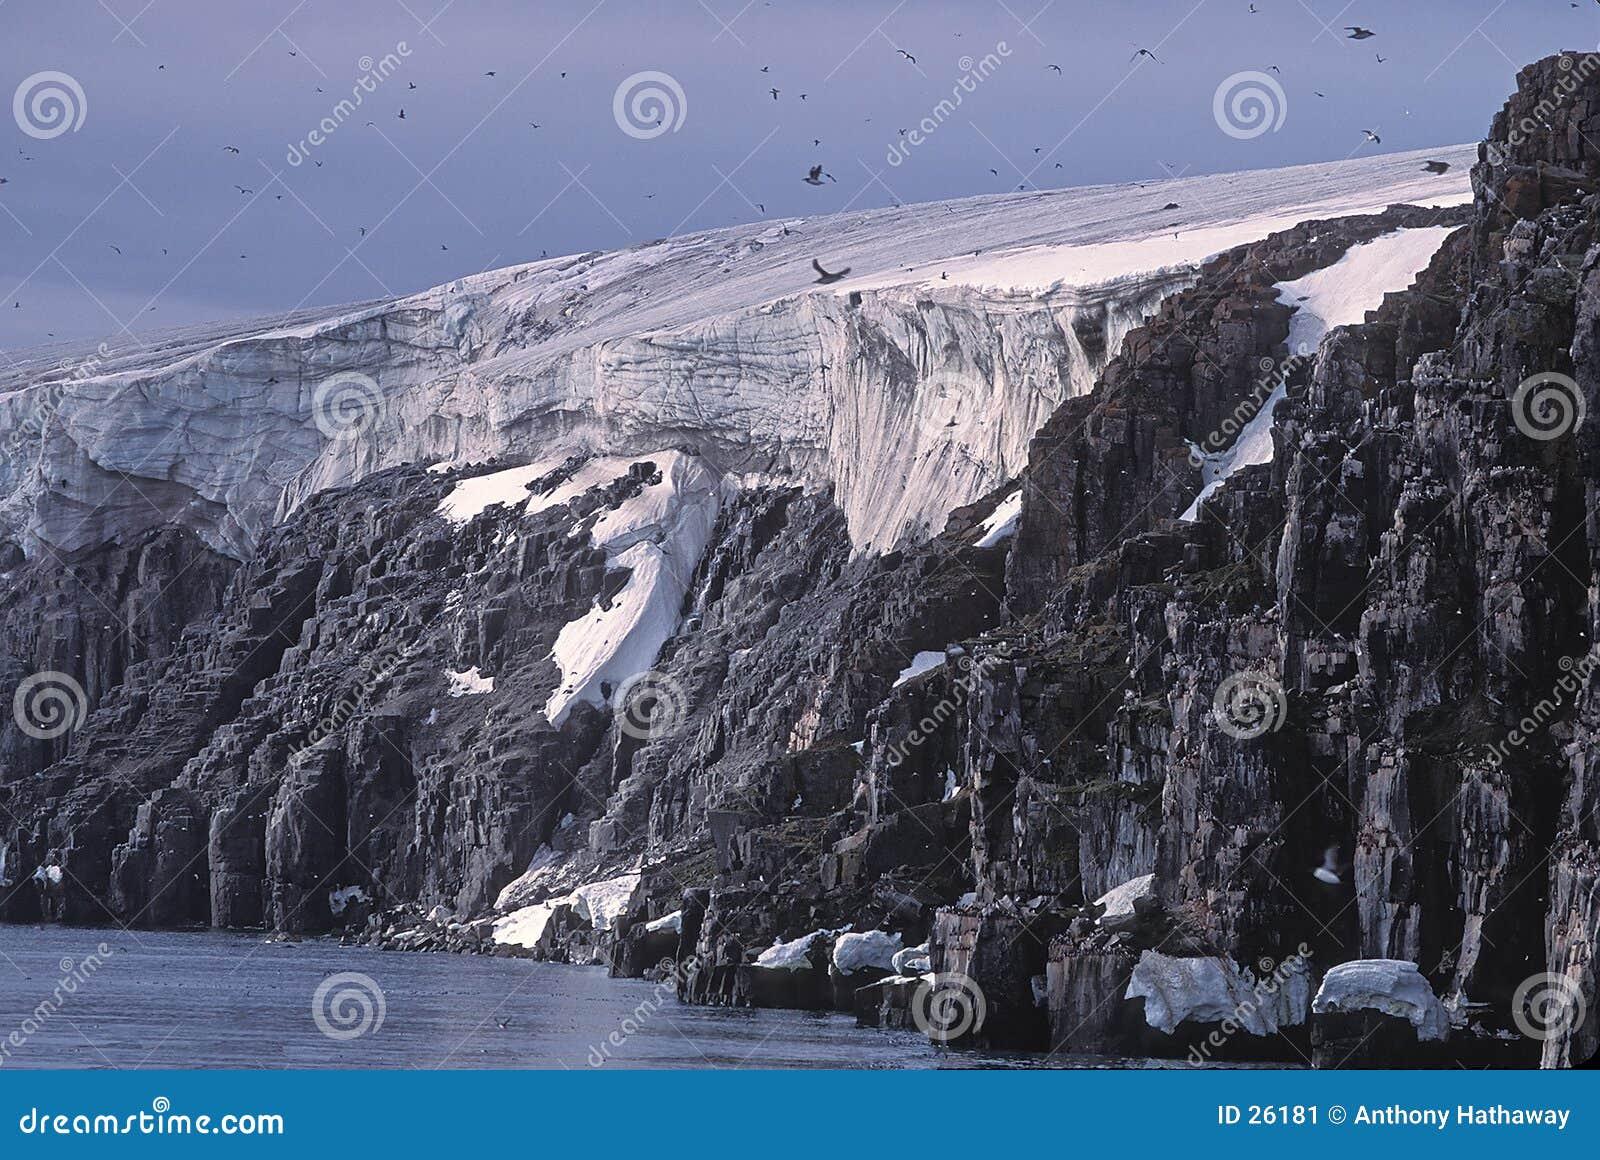 Gletsjer, vogelklippen en murres